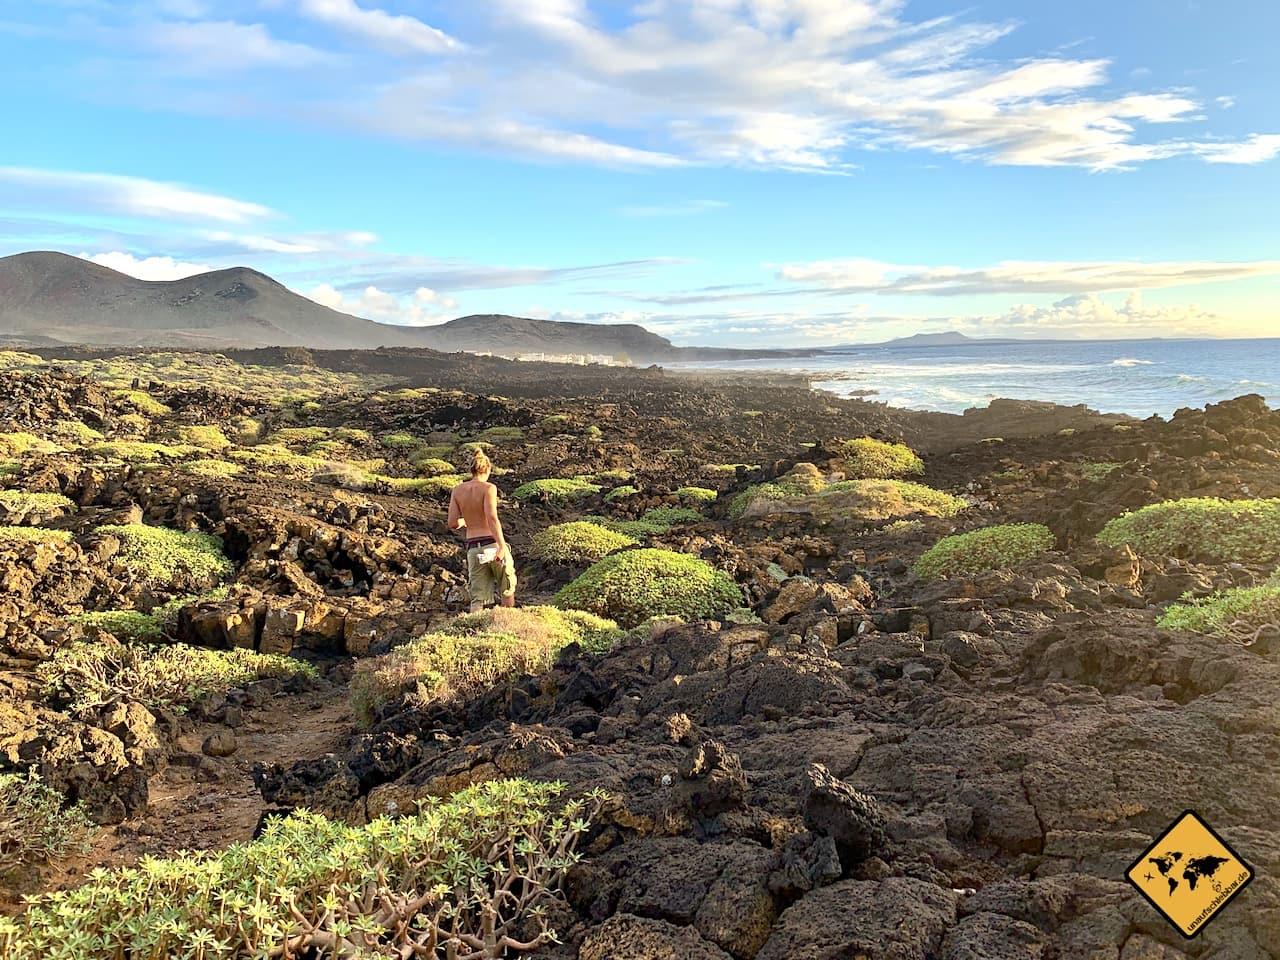 Kanaren welche Insel wandern Lanzarote El Golfo